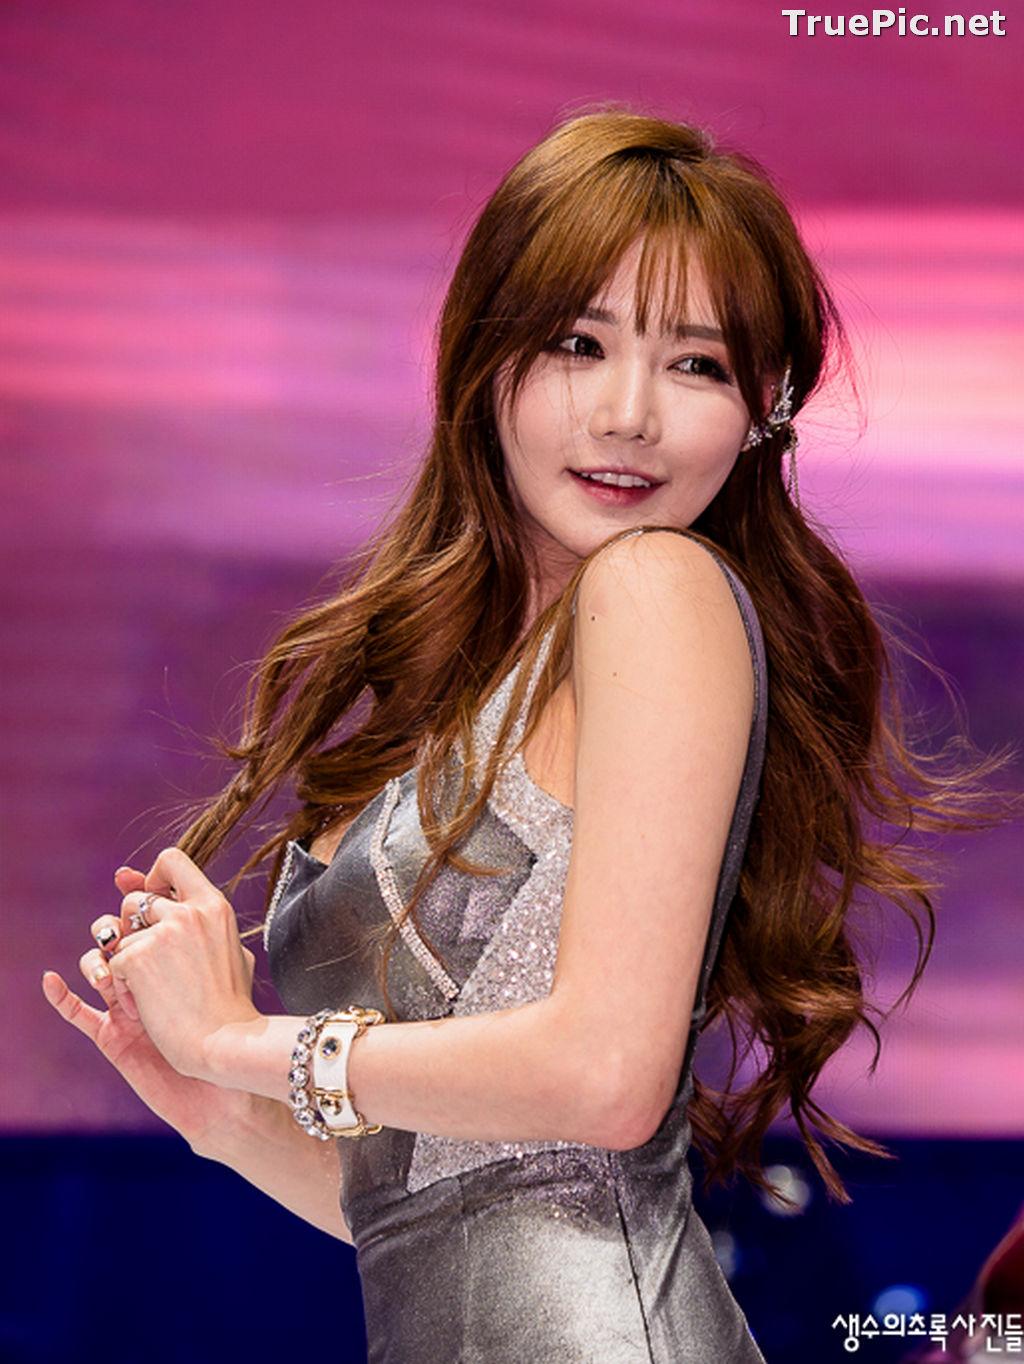 Image Best Beautiful Images Of Korean Racing Queen Han Ga Eun #3 - TruePic.net - Picture-7